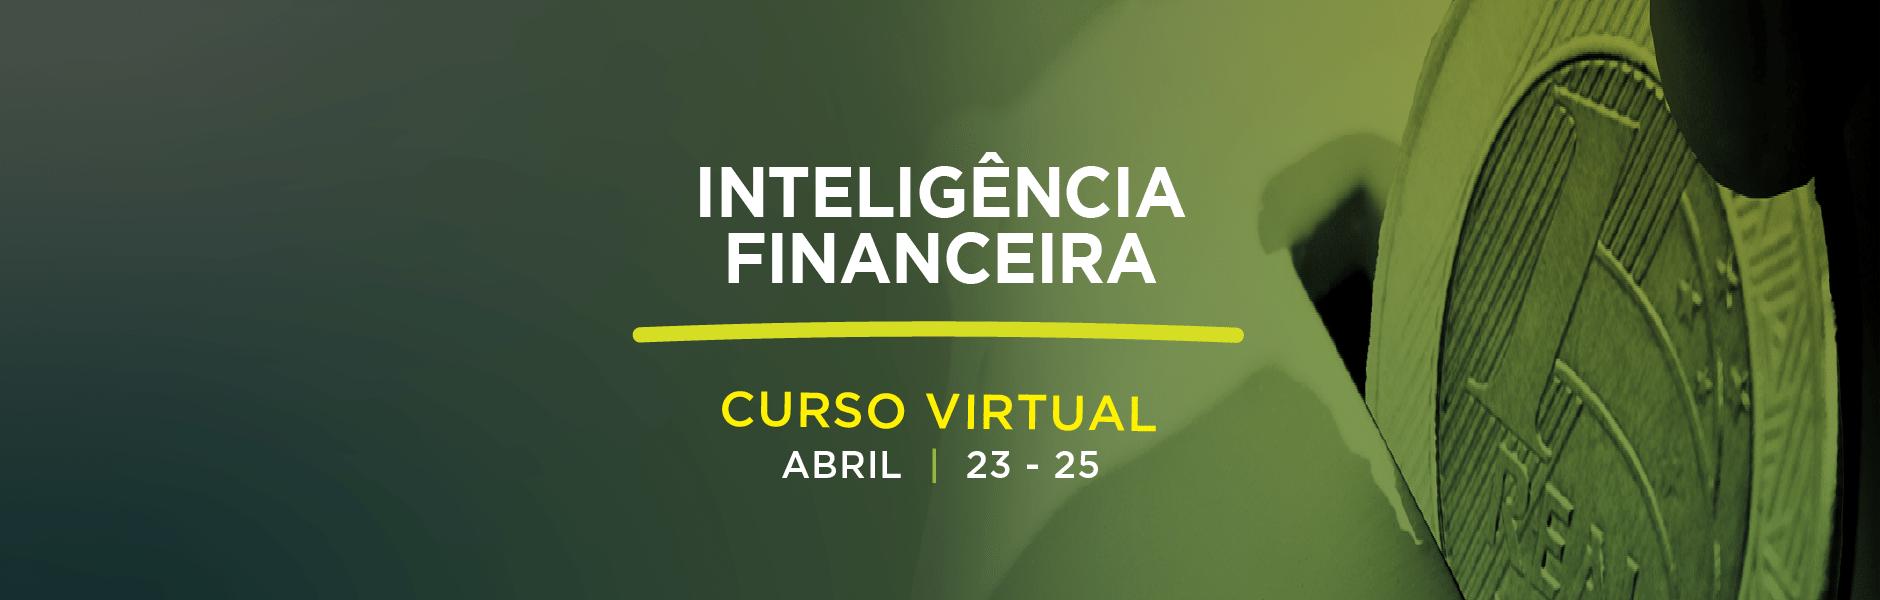 INTELIGÊNCIA FINANCEIRA – Curso Virtual de 23 a 25 de Abril de 2021